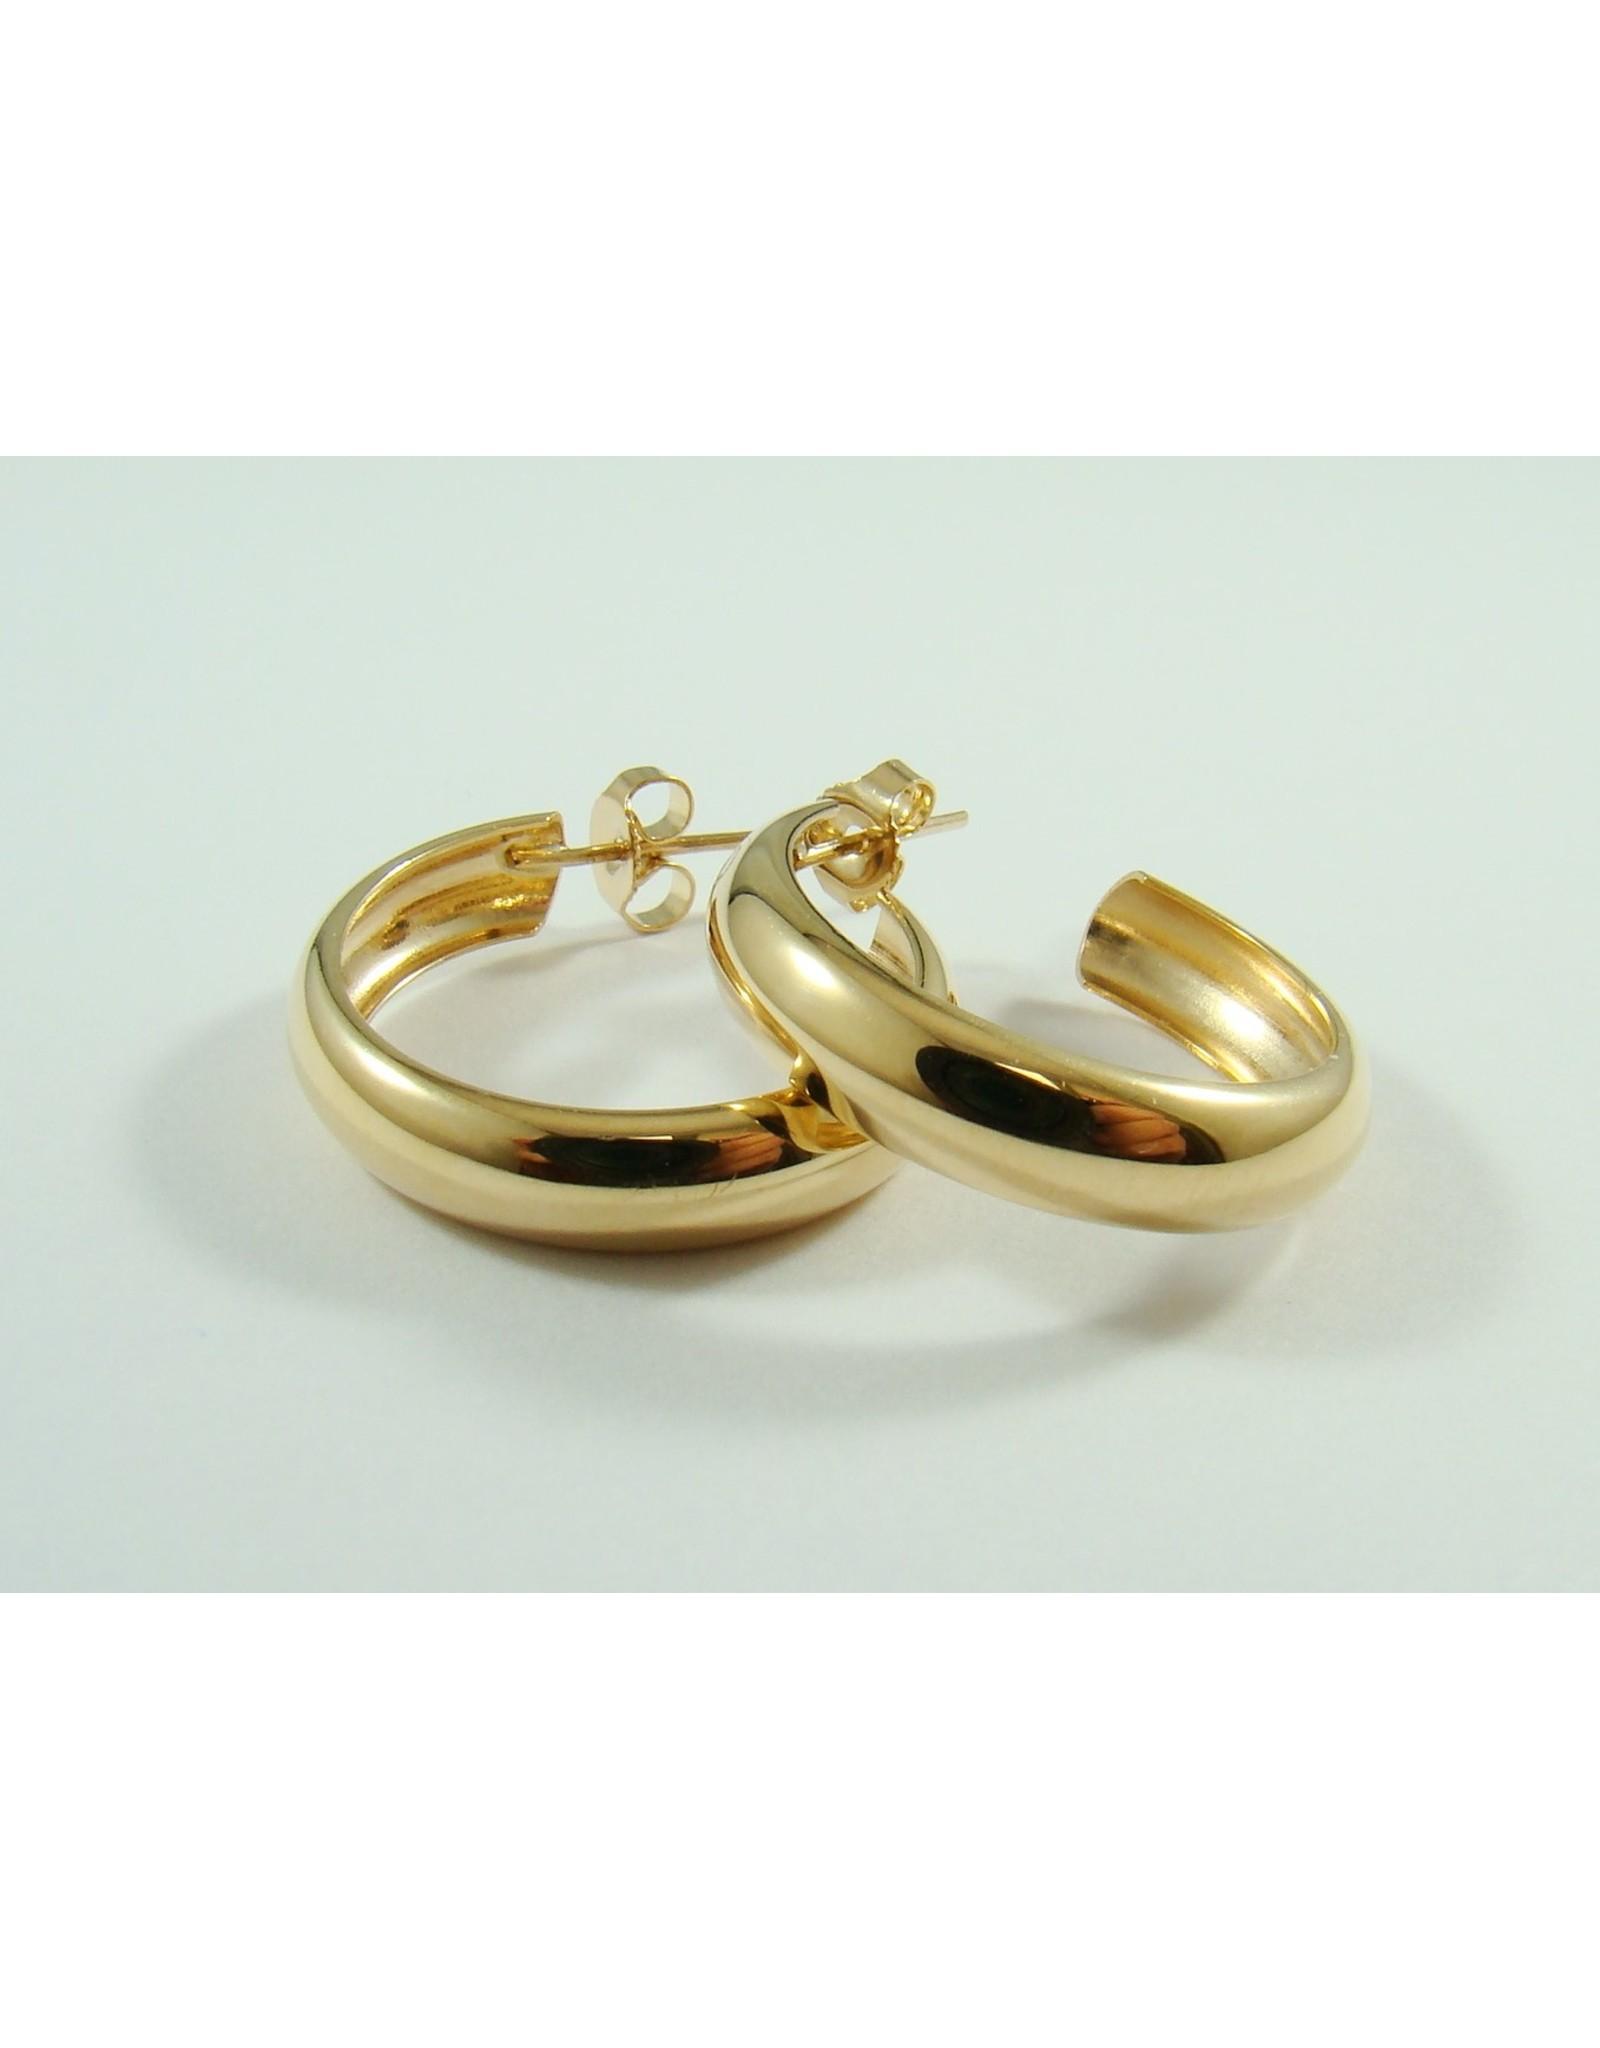 23mm Hoop Earrings 14KY